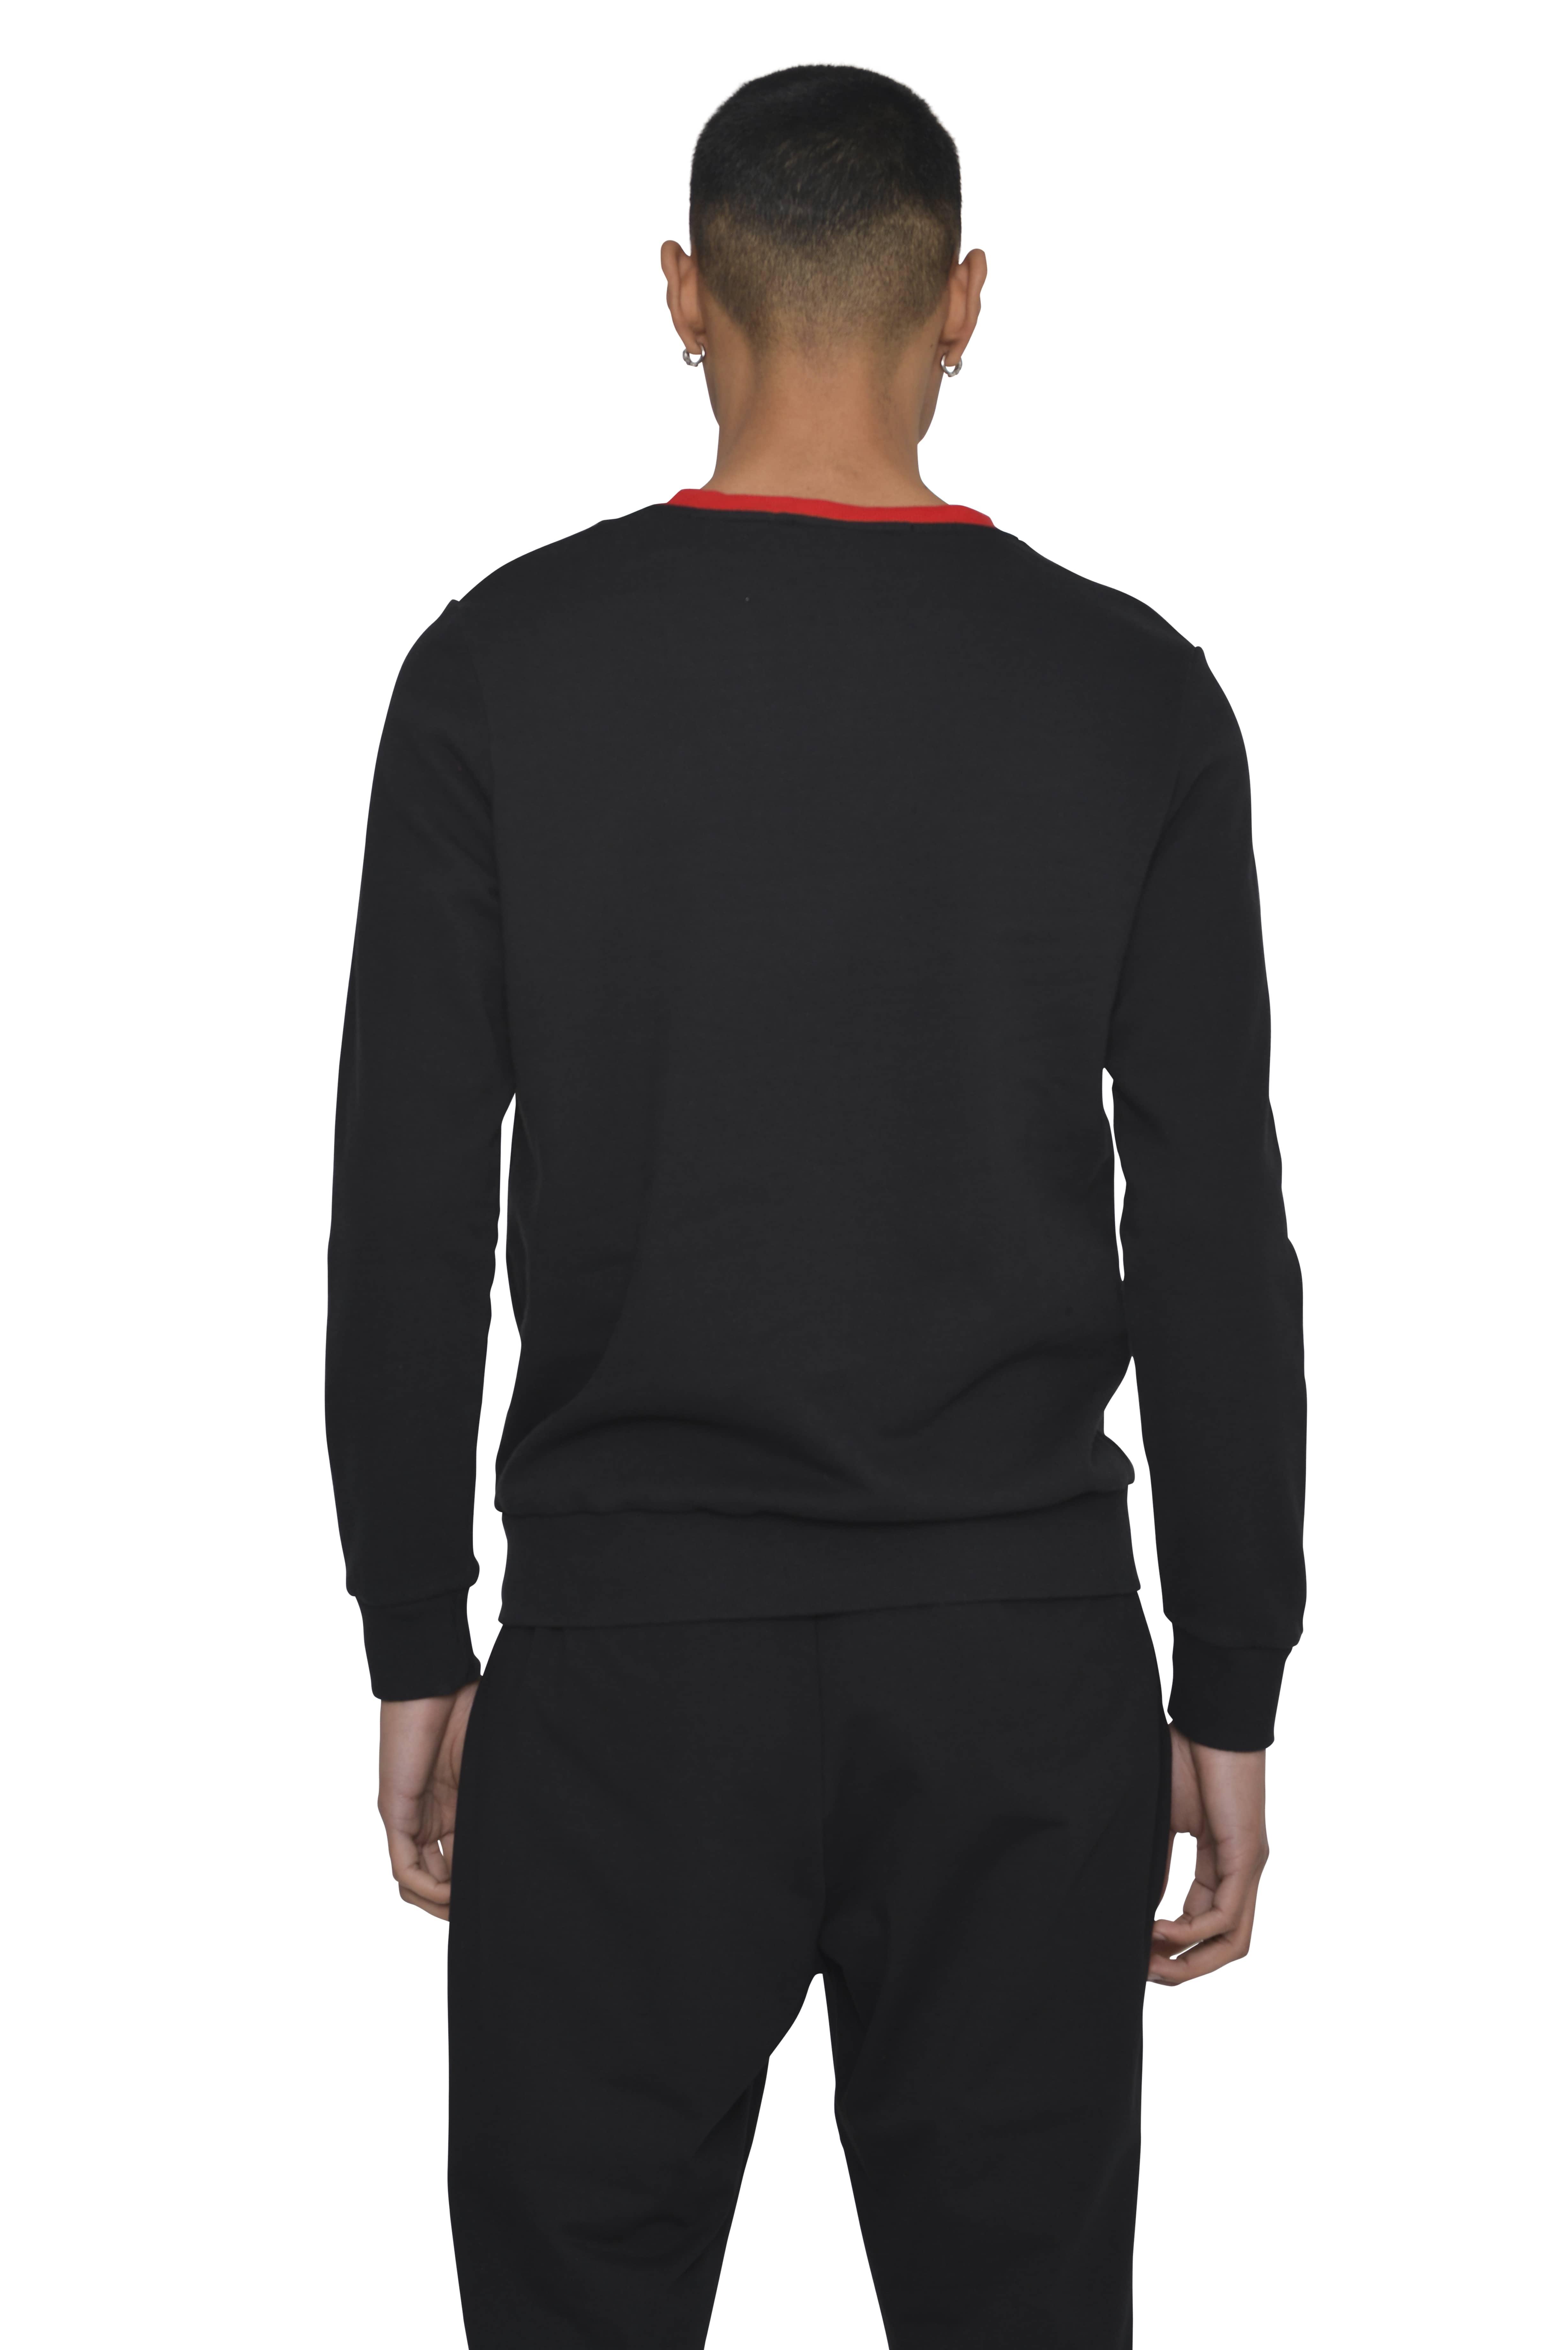 Sweatshirt ANTA 2